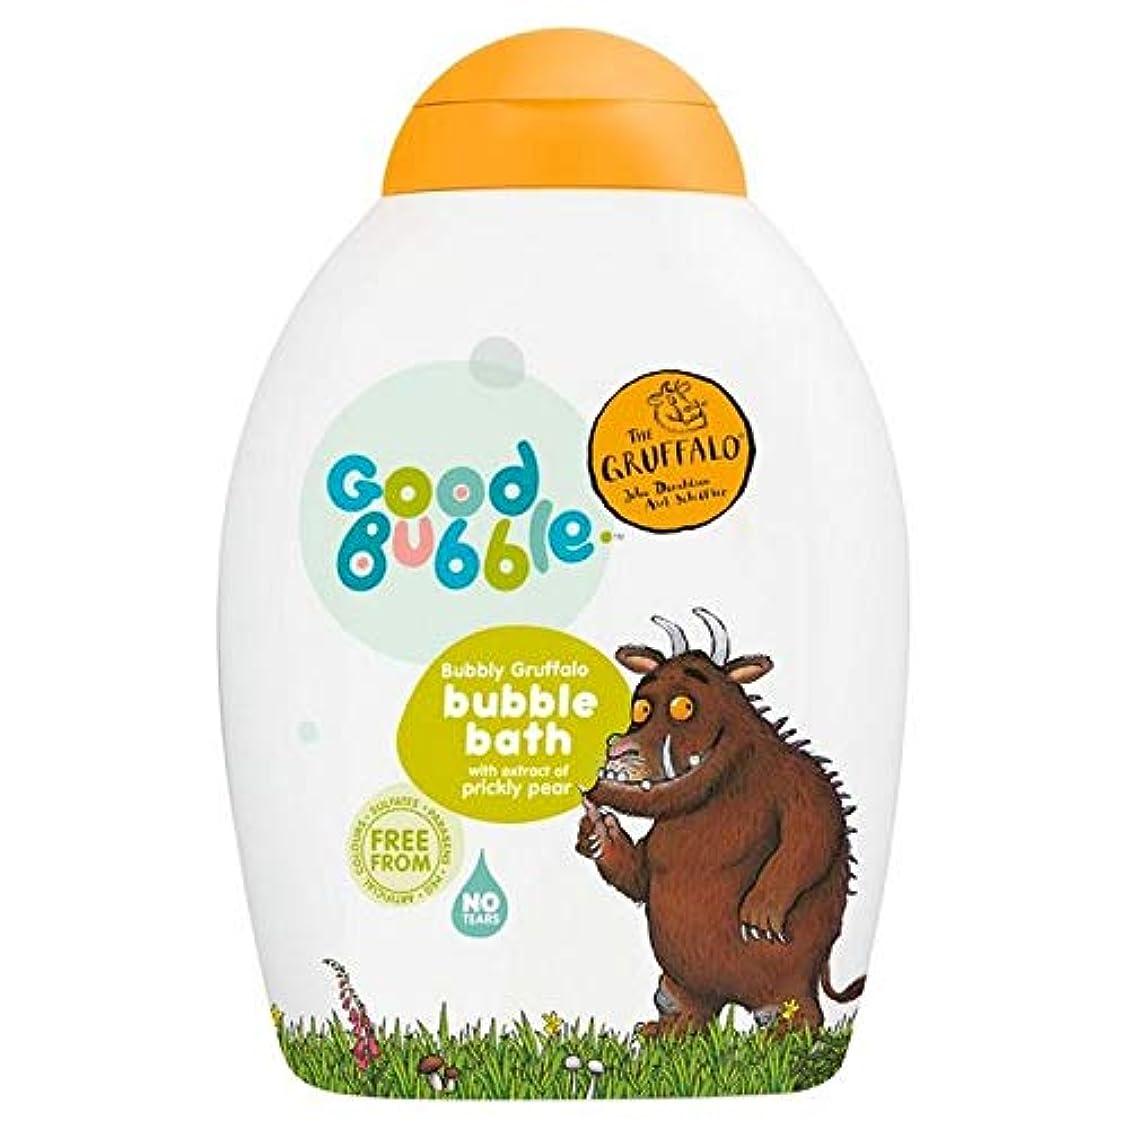 押し下げる前提下線[Good Bubble ] ウチワサボテンエキス400ミリリットルとの良好なバブル快活Gruffaloの泡風呂 - Good Bubble Bubbly Gruffalo Bubble Bath with Prickly...